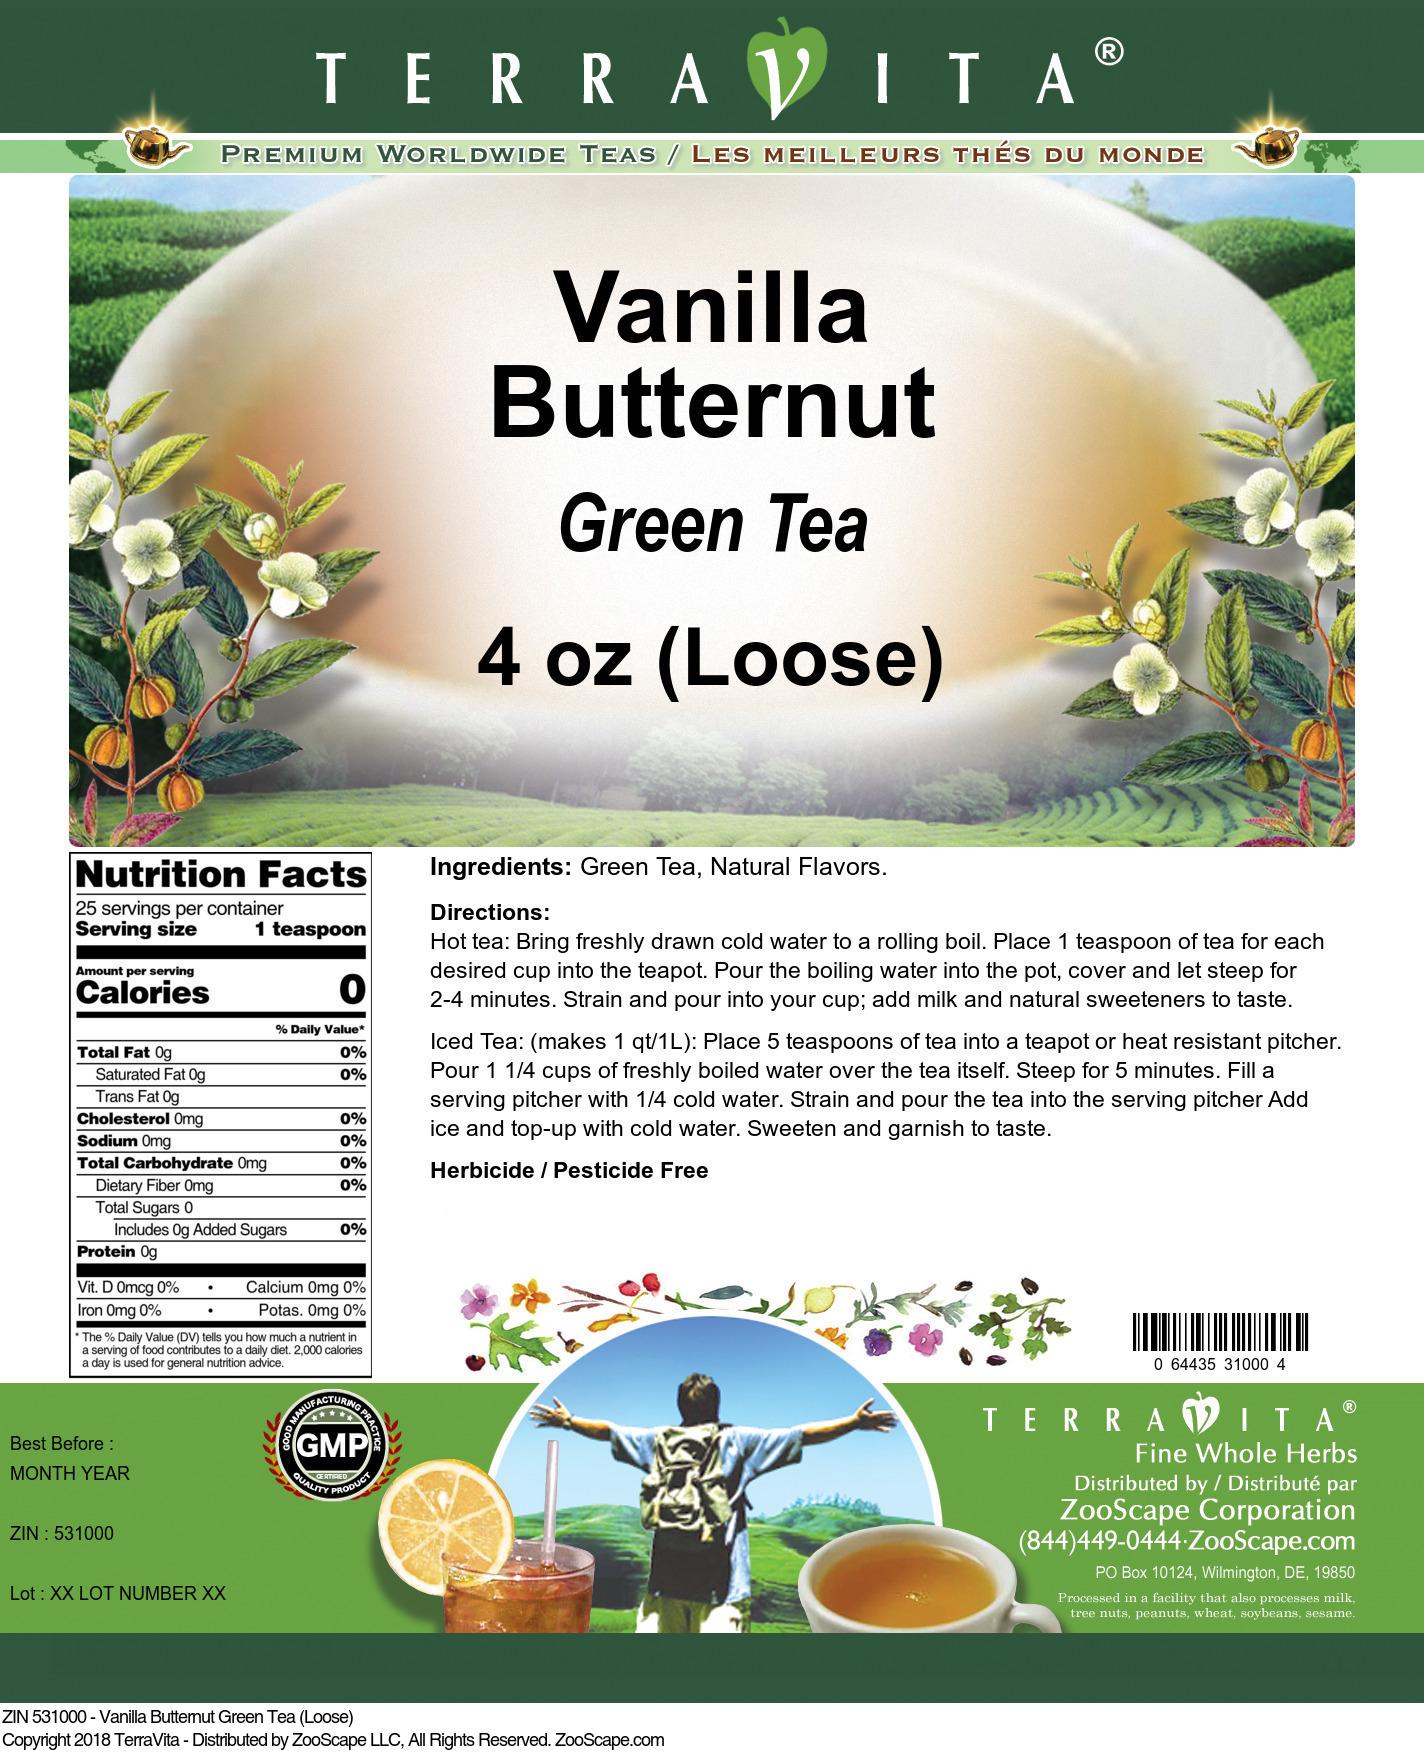 Vanilla Butternut Green Tea